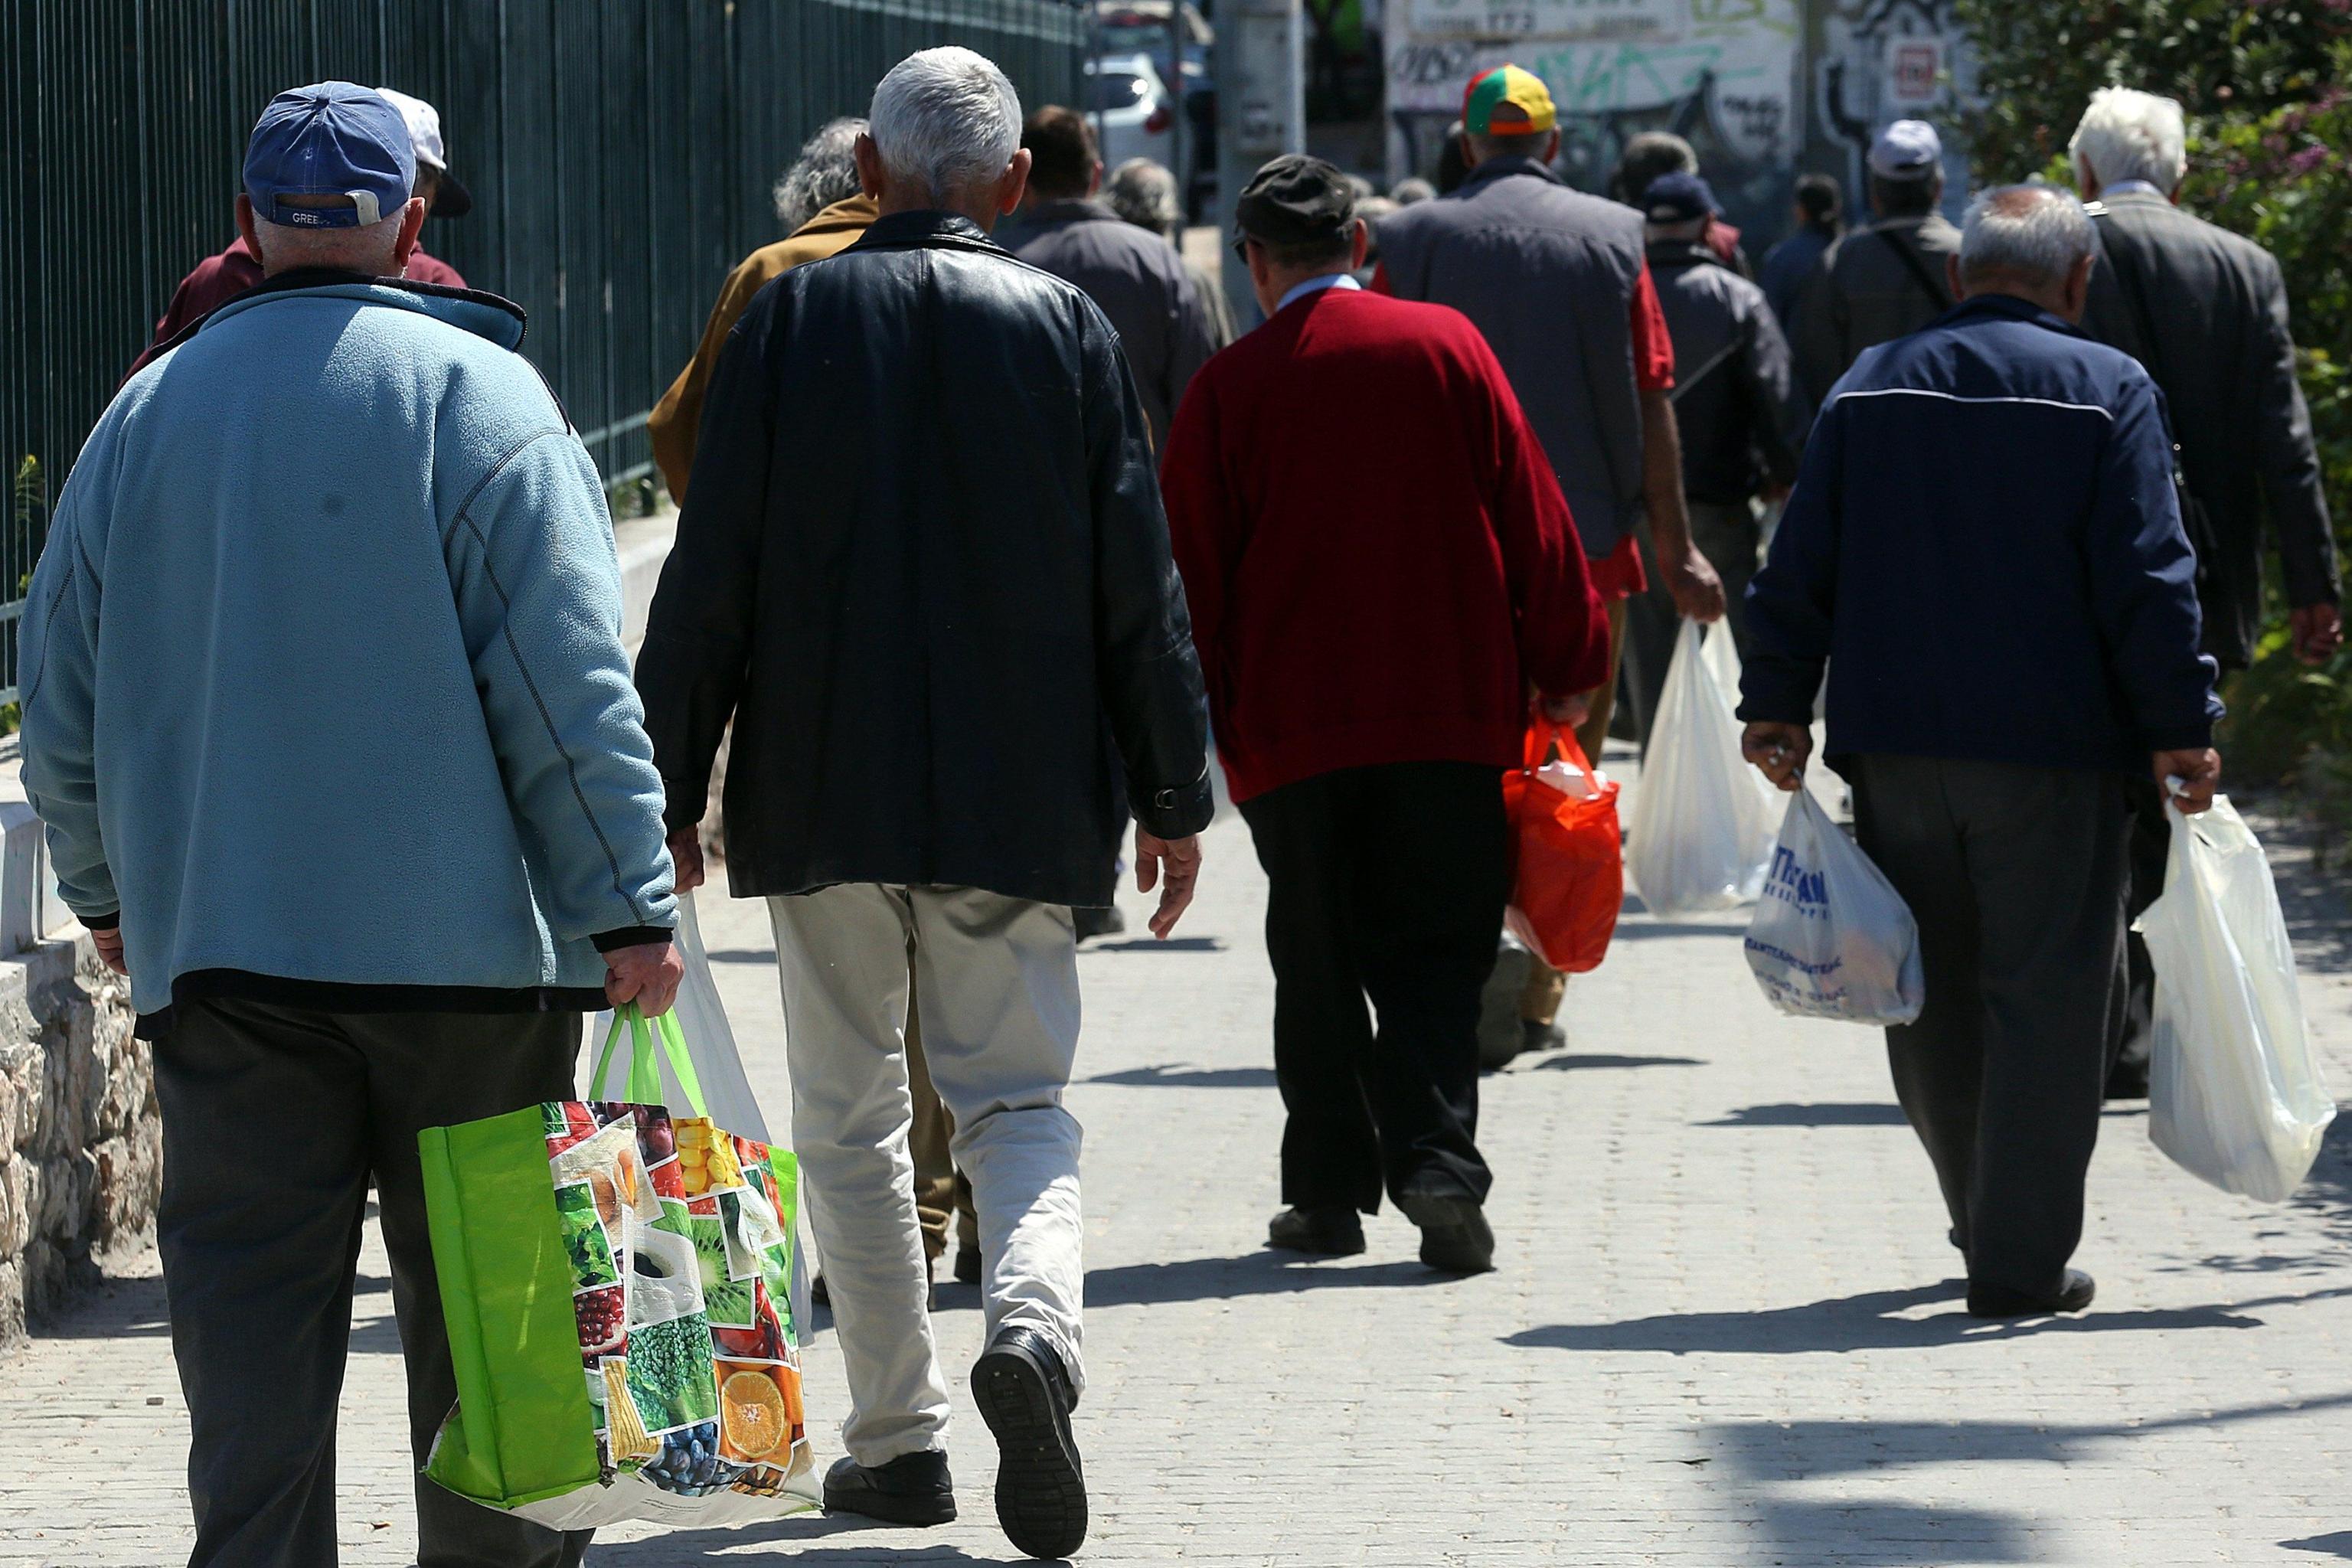 Istat: in Italia oltre 5 milioni di poveri, è il dato più alto dal 2005